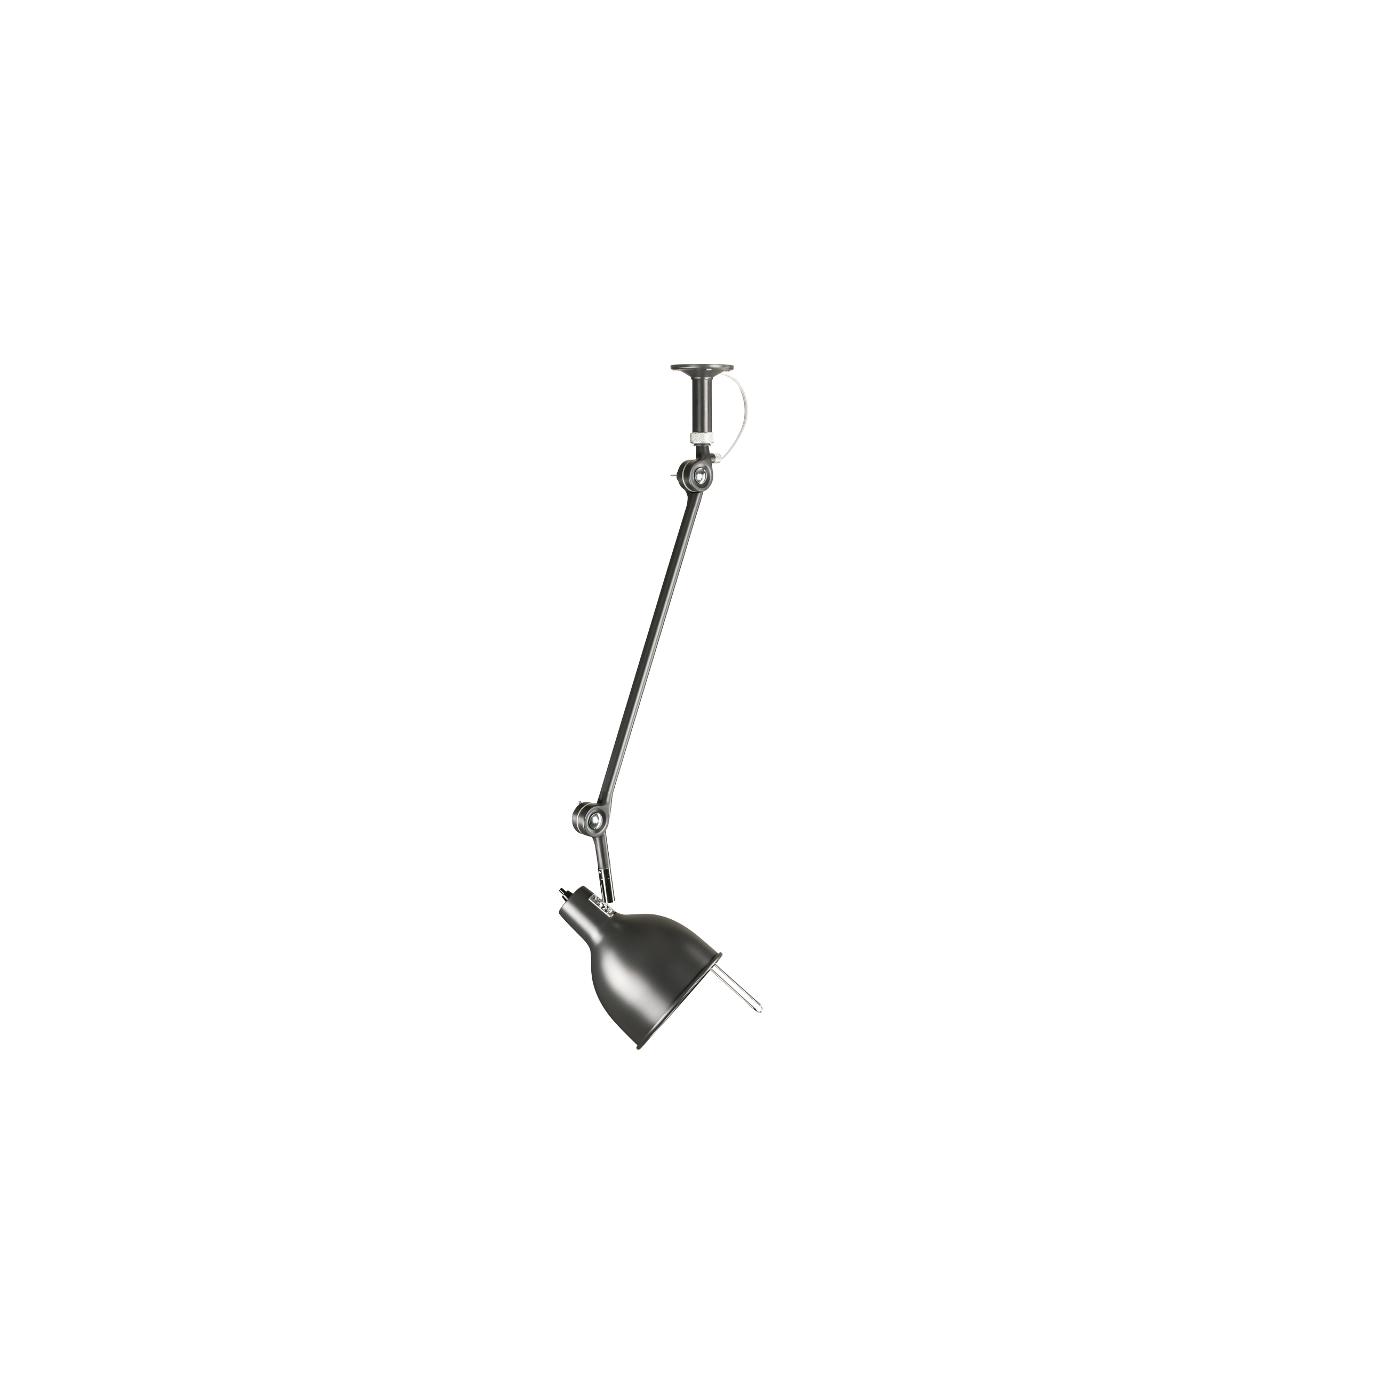 PJ52 Taklampa 1 arm Matt svart, Örsjö belysning